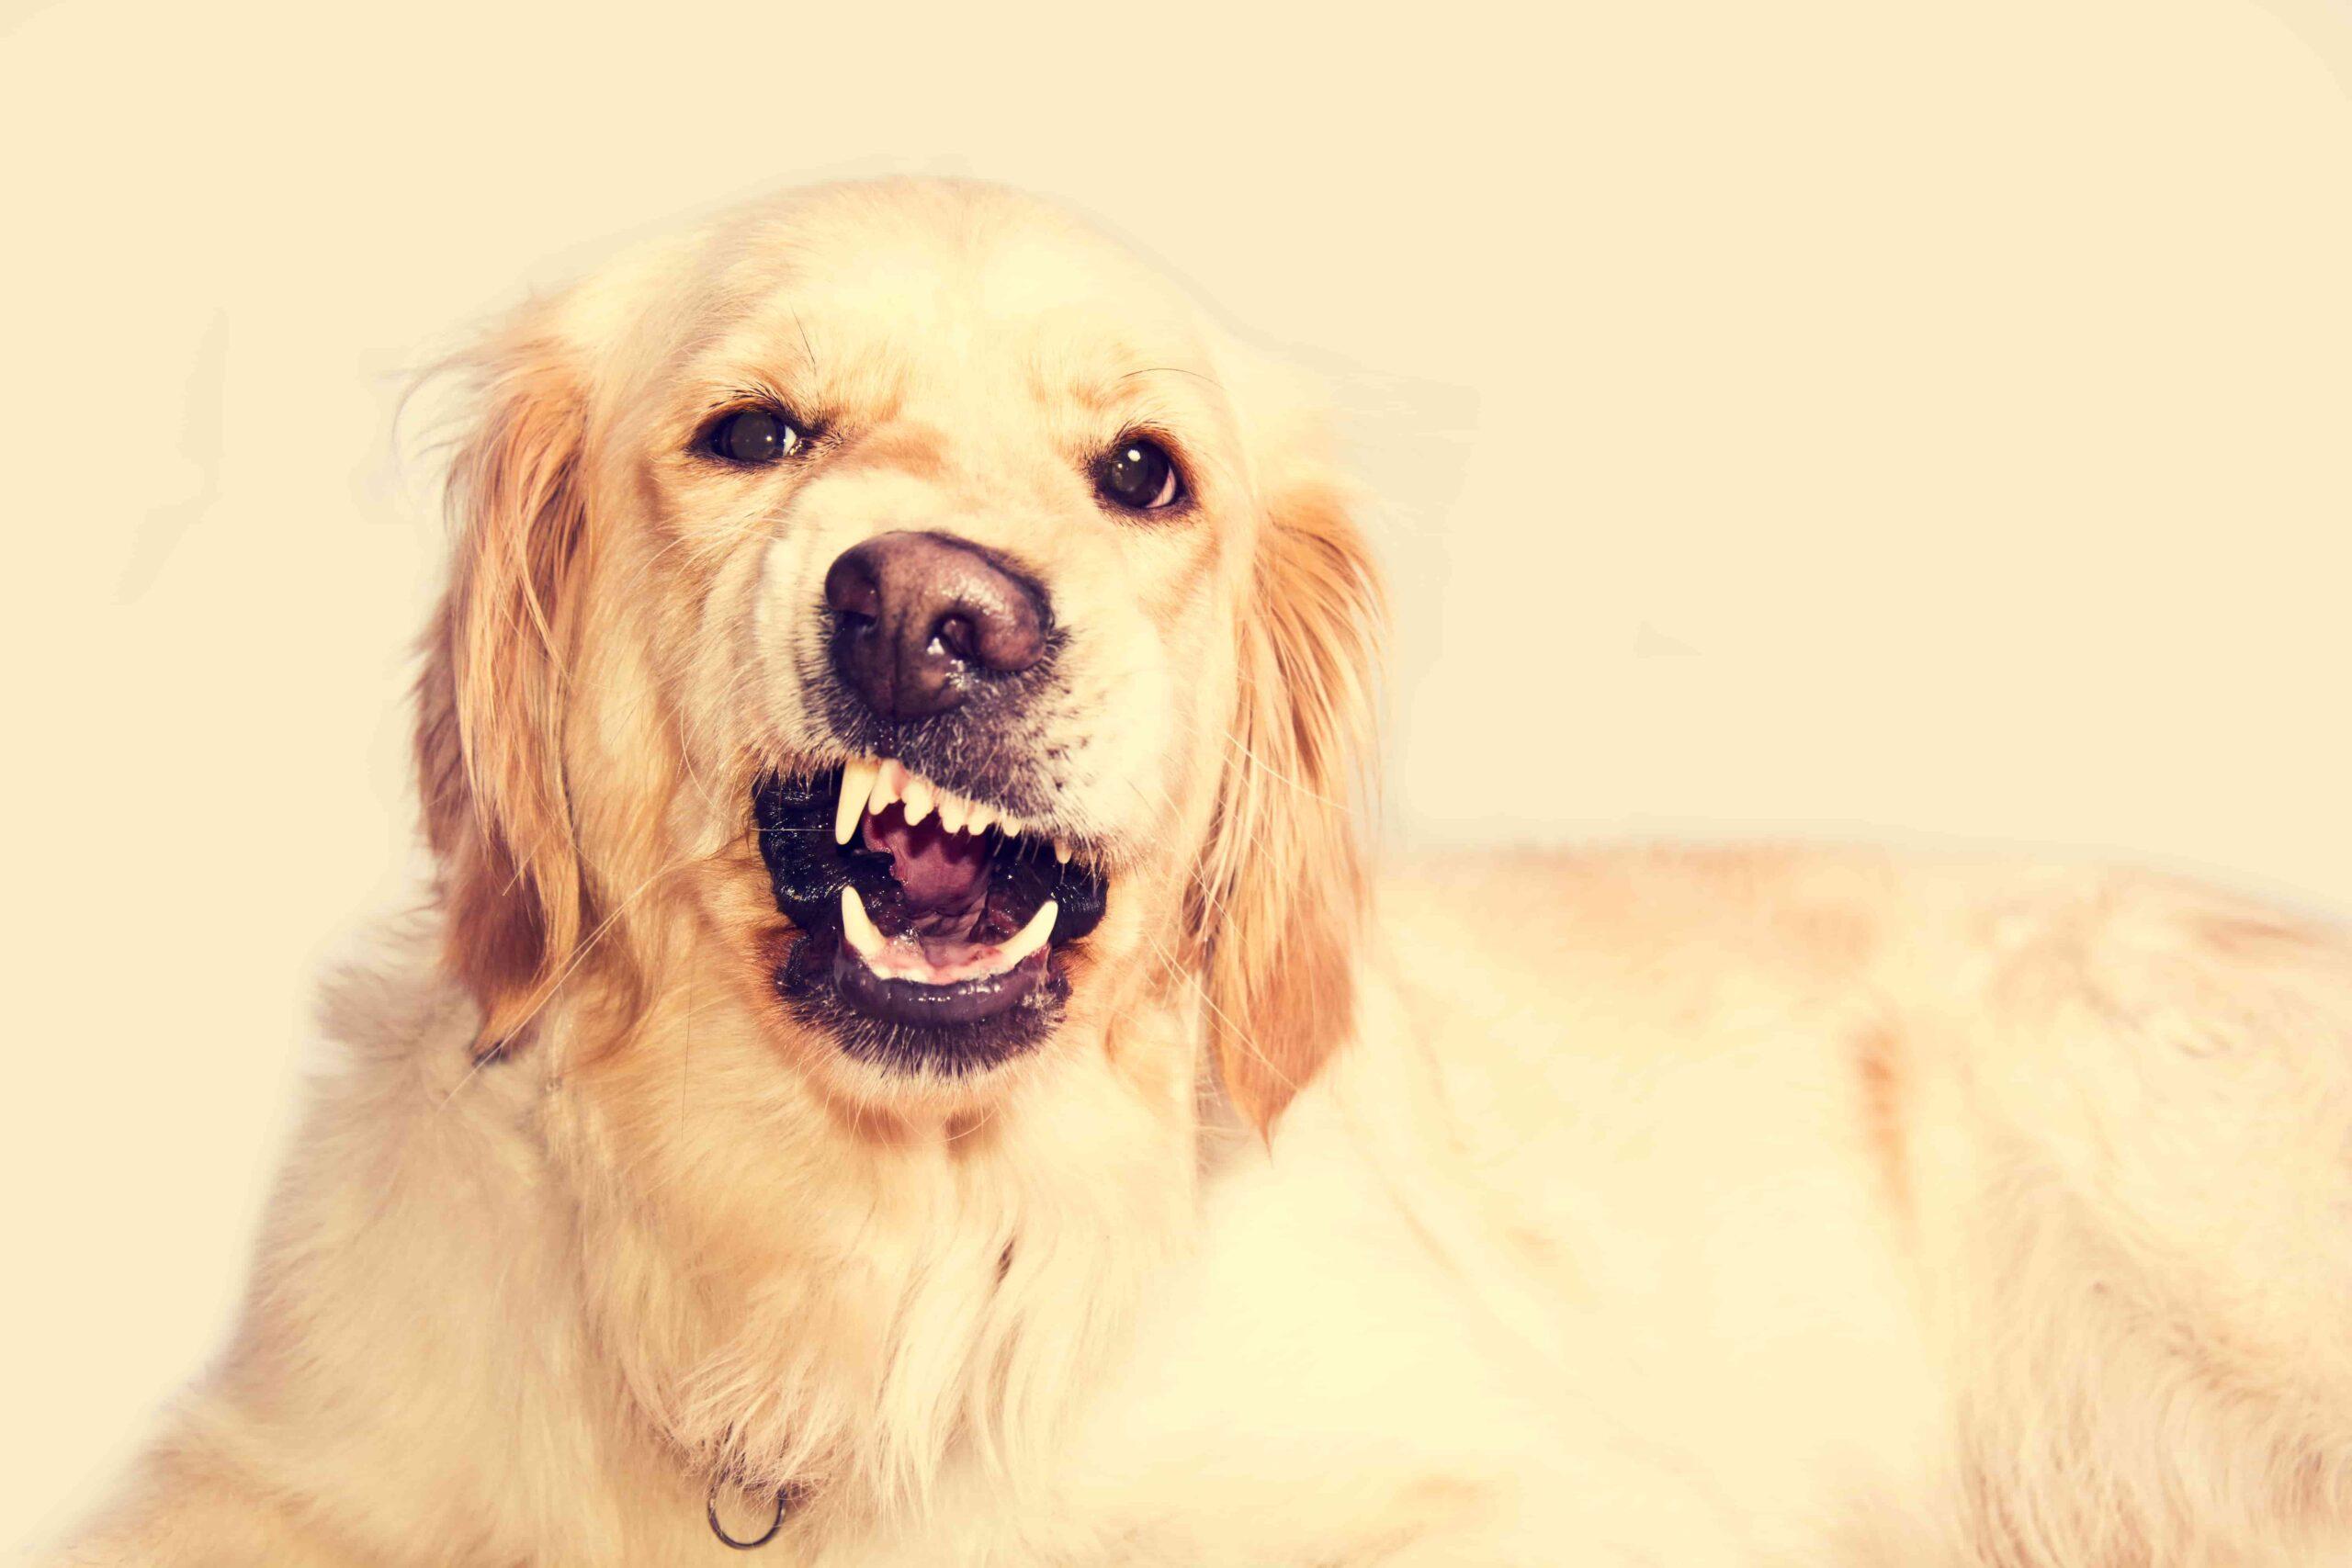 Köpeğim Bana Saldırıyor, Neden Olabilir?